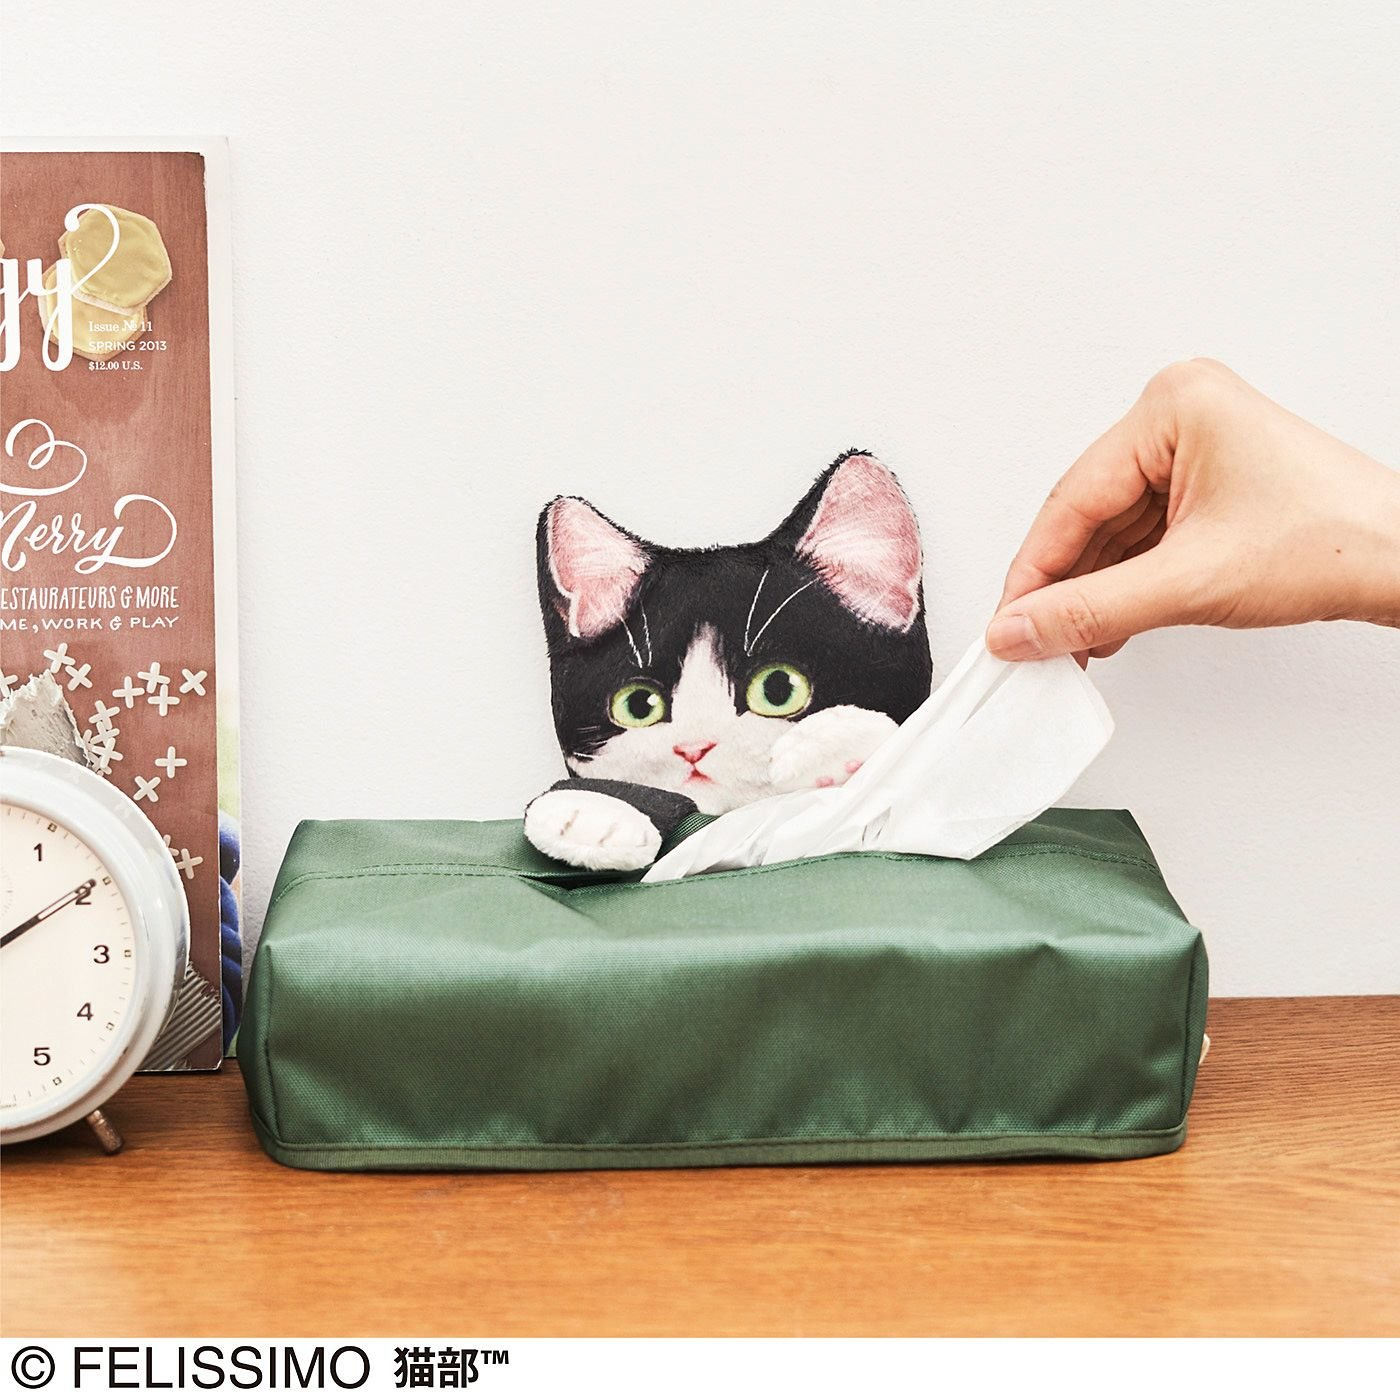 うずうずするニャ!いたずら子猫のティッシュカバーの会